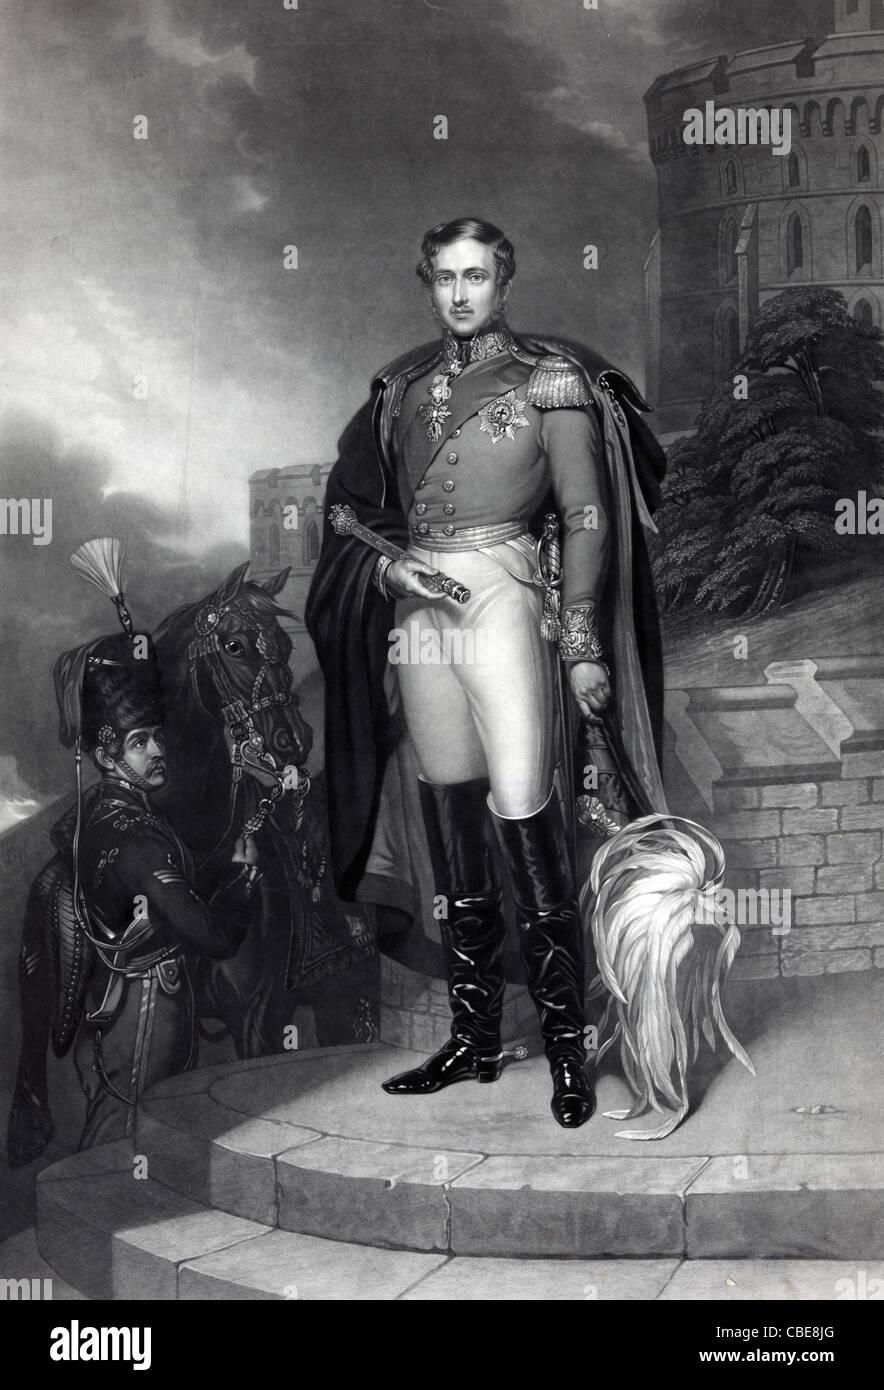 His royal highness Prince Albert - Stock Image